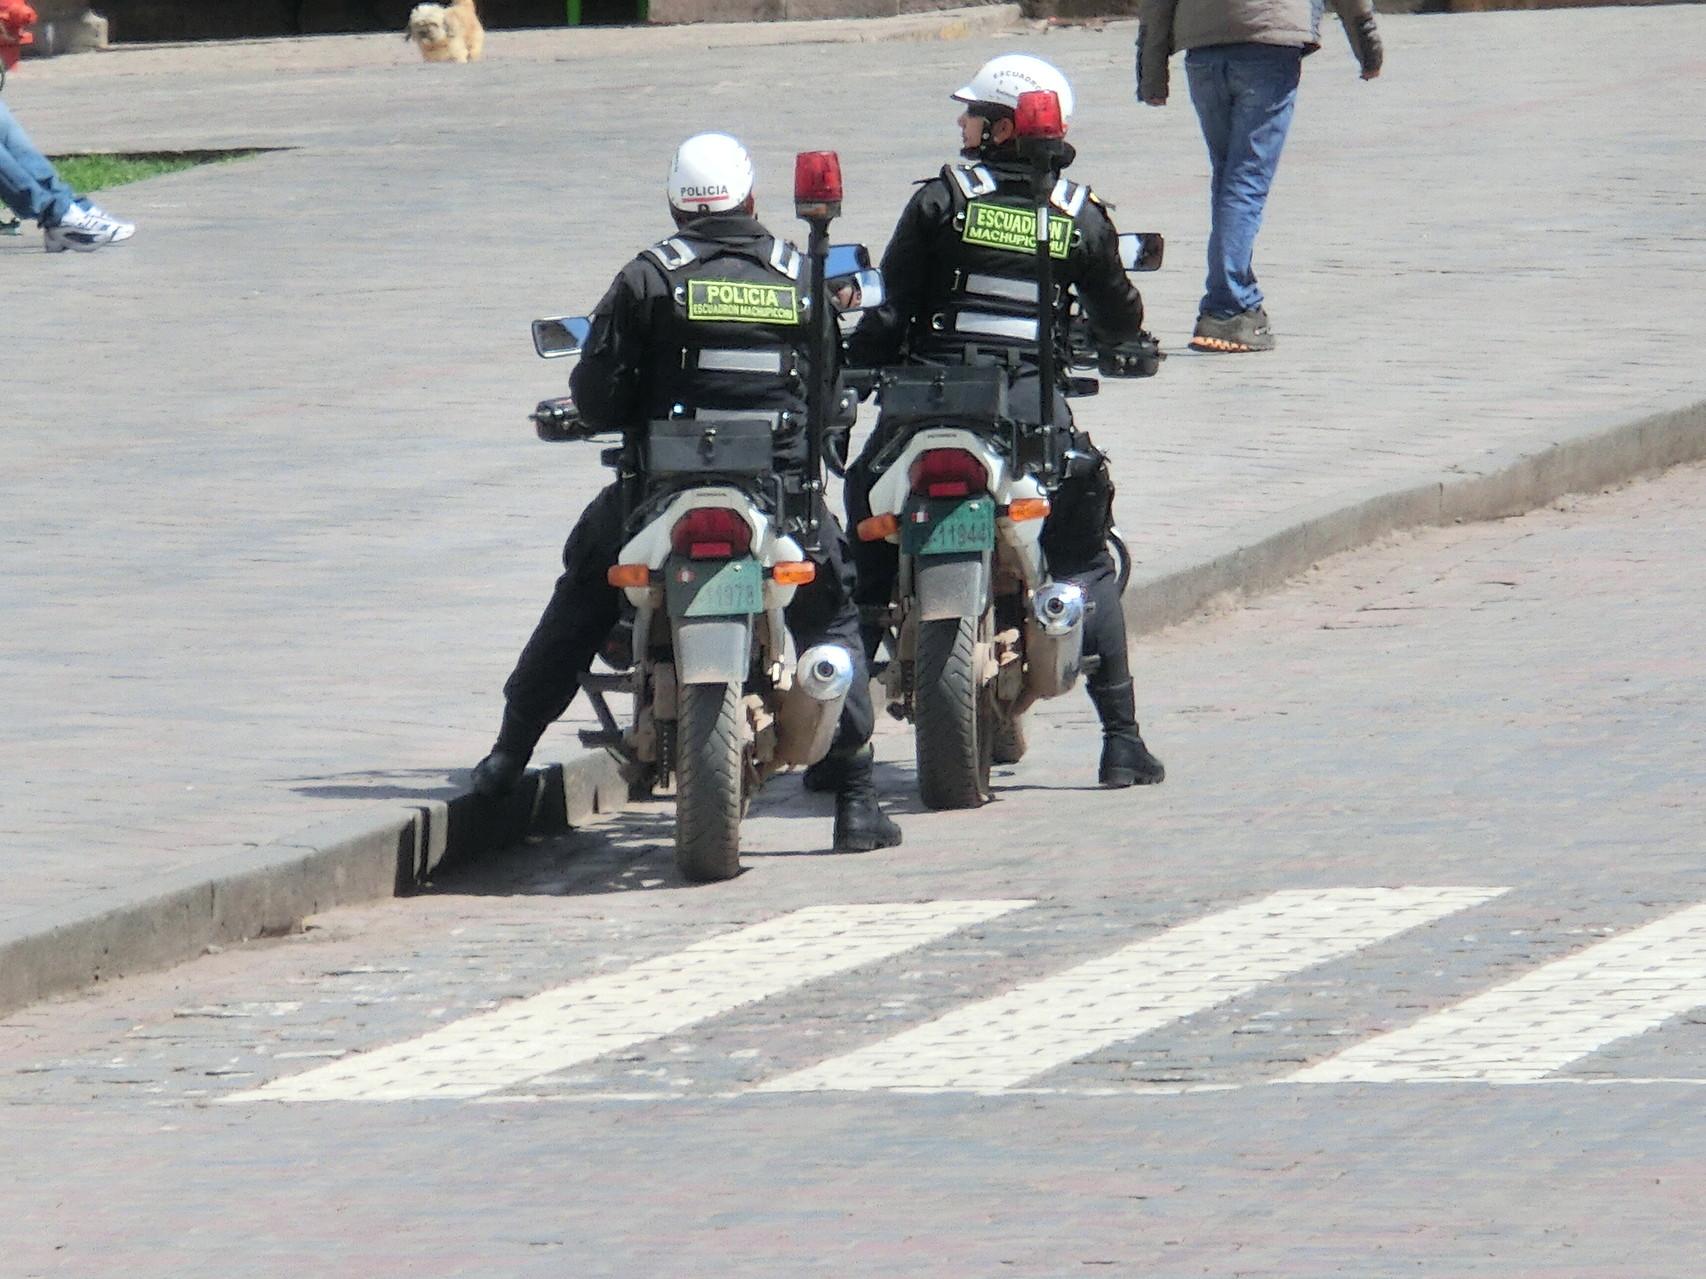 Police on Tour